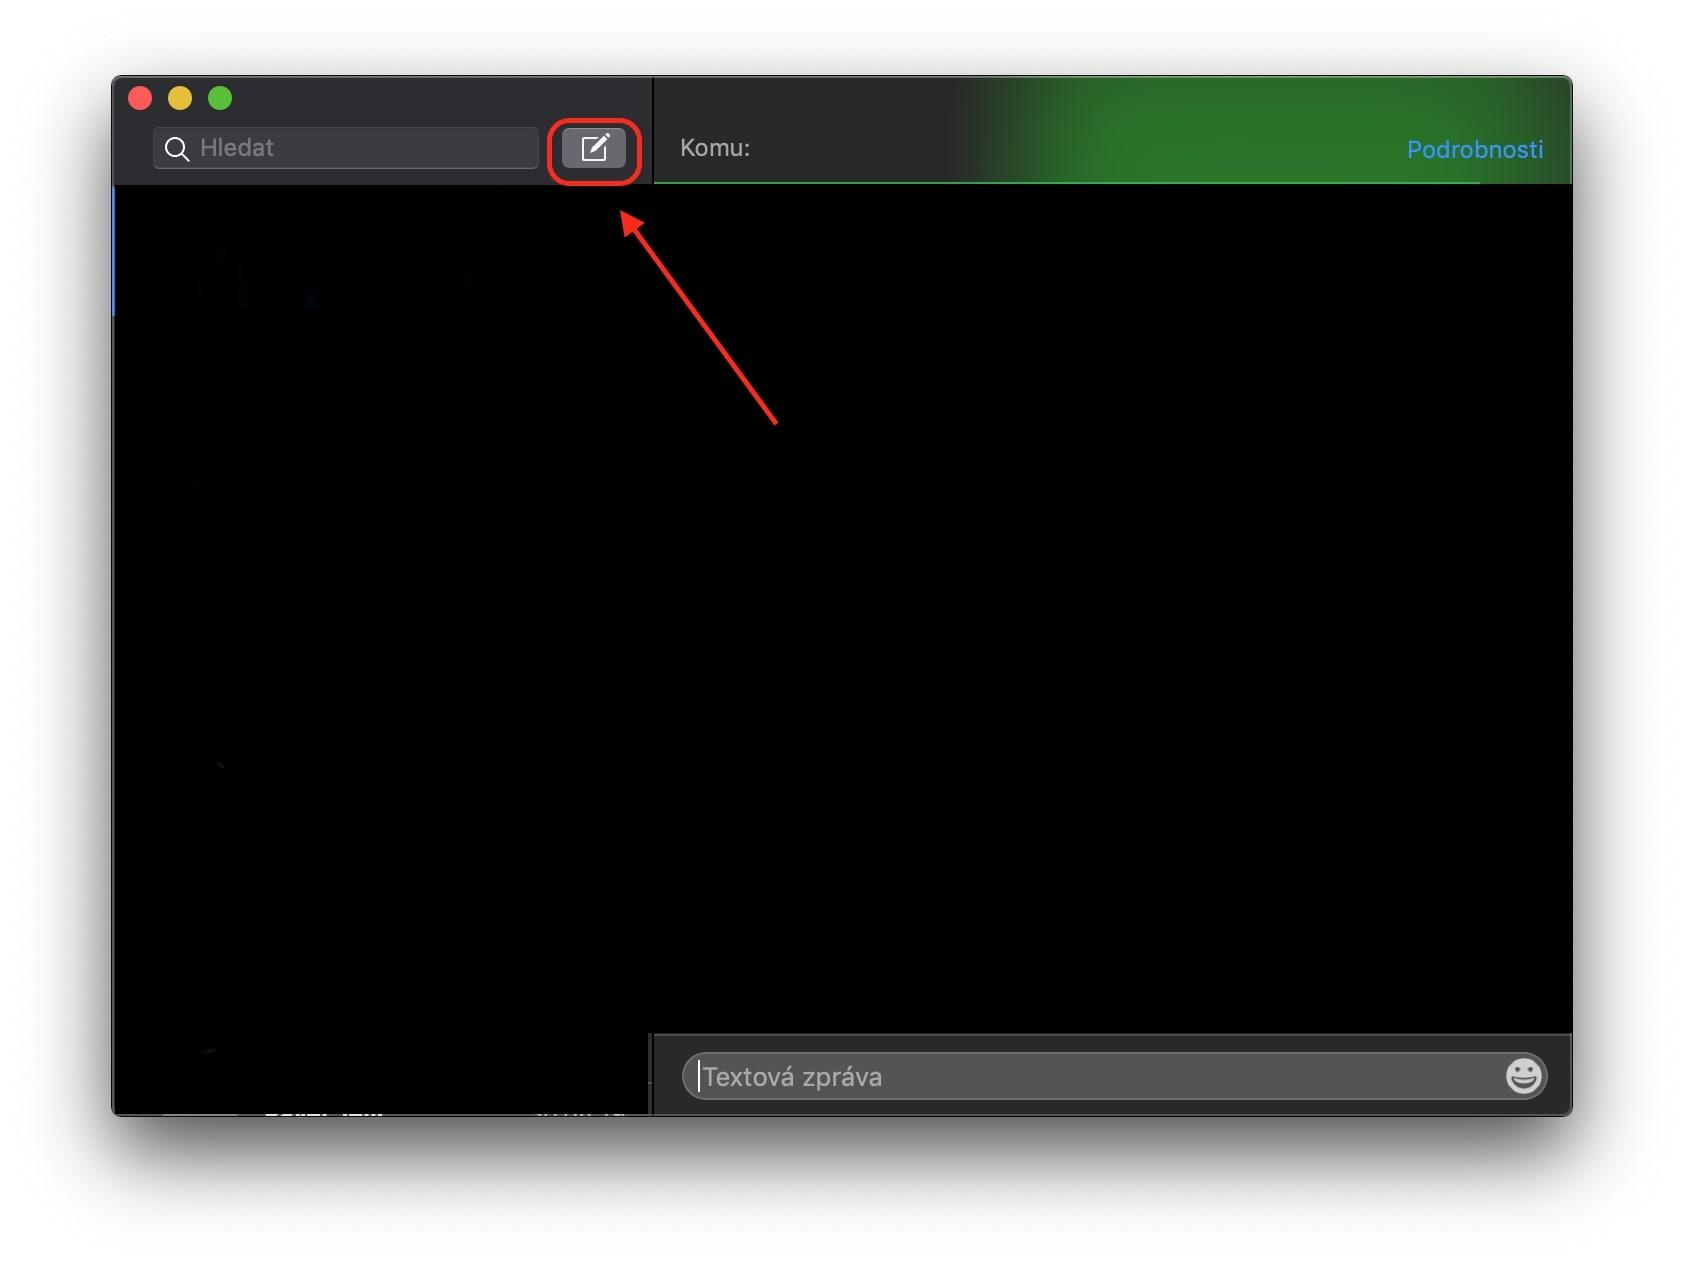 nativni-aplikace-zpravy-imessage-1